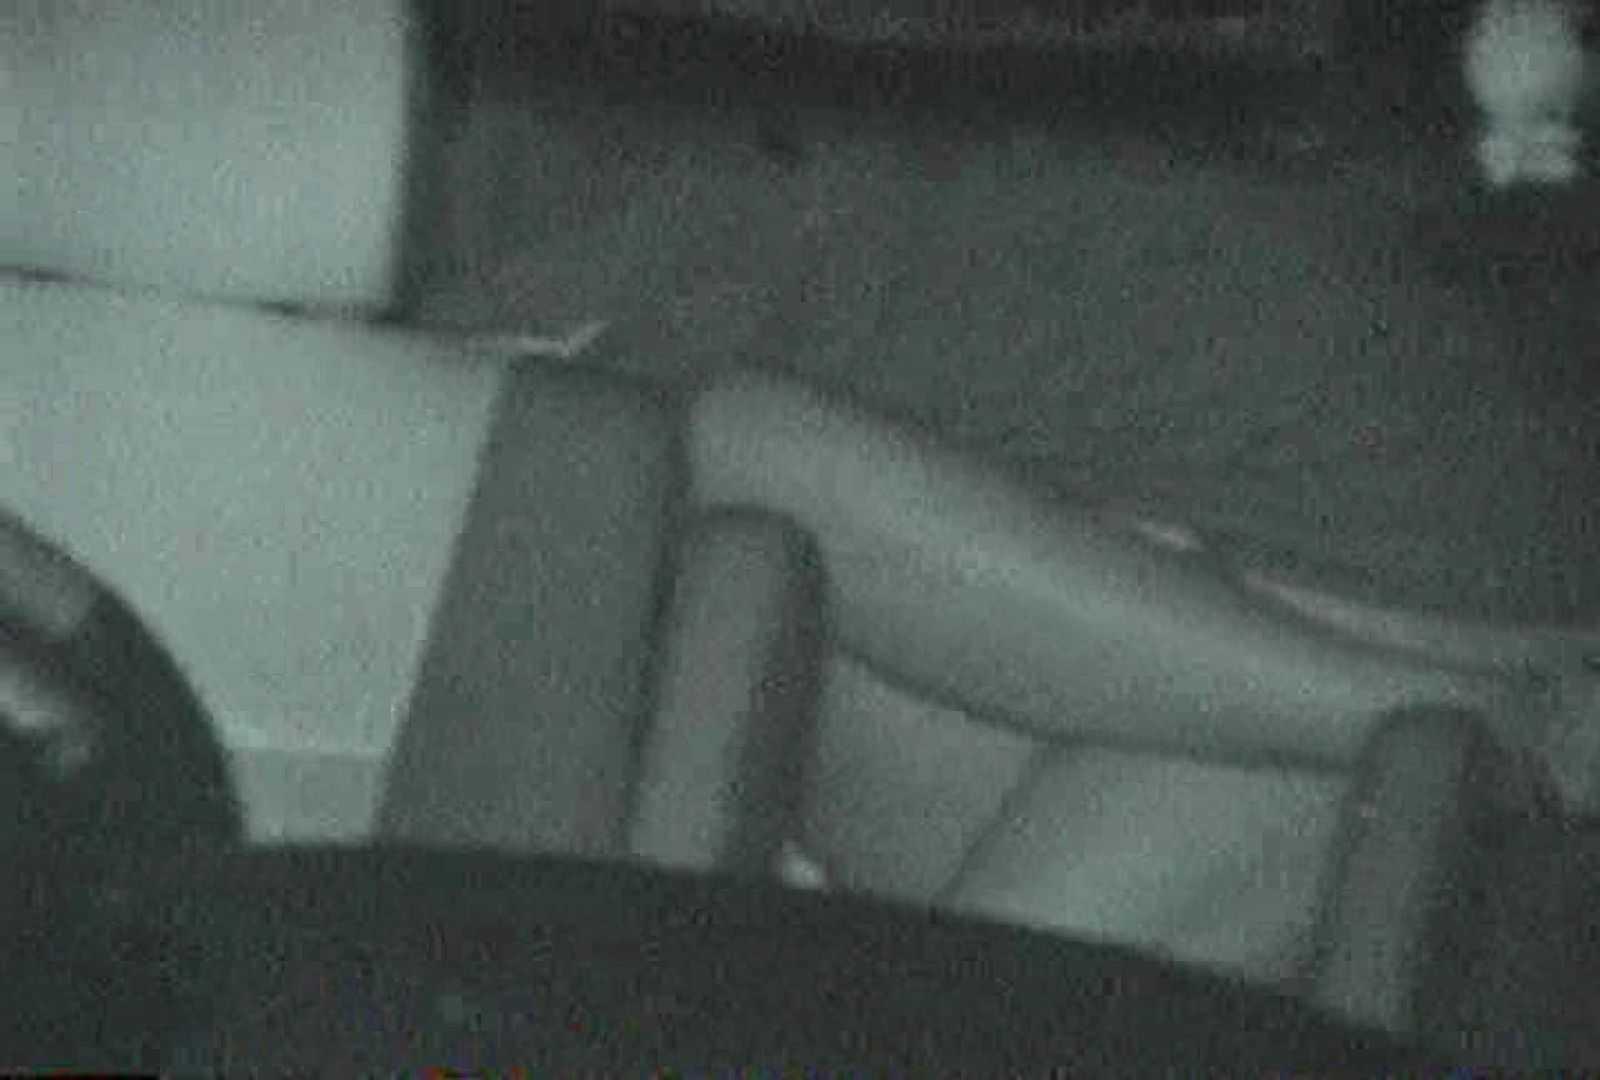 充血監督の深夜の運動会Vol.114 ぽっちゃり おまんこ無修正動画無料 97画像 76